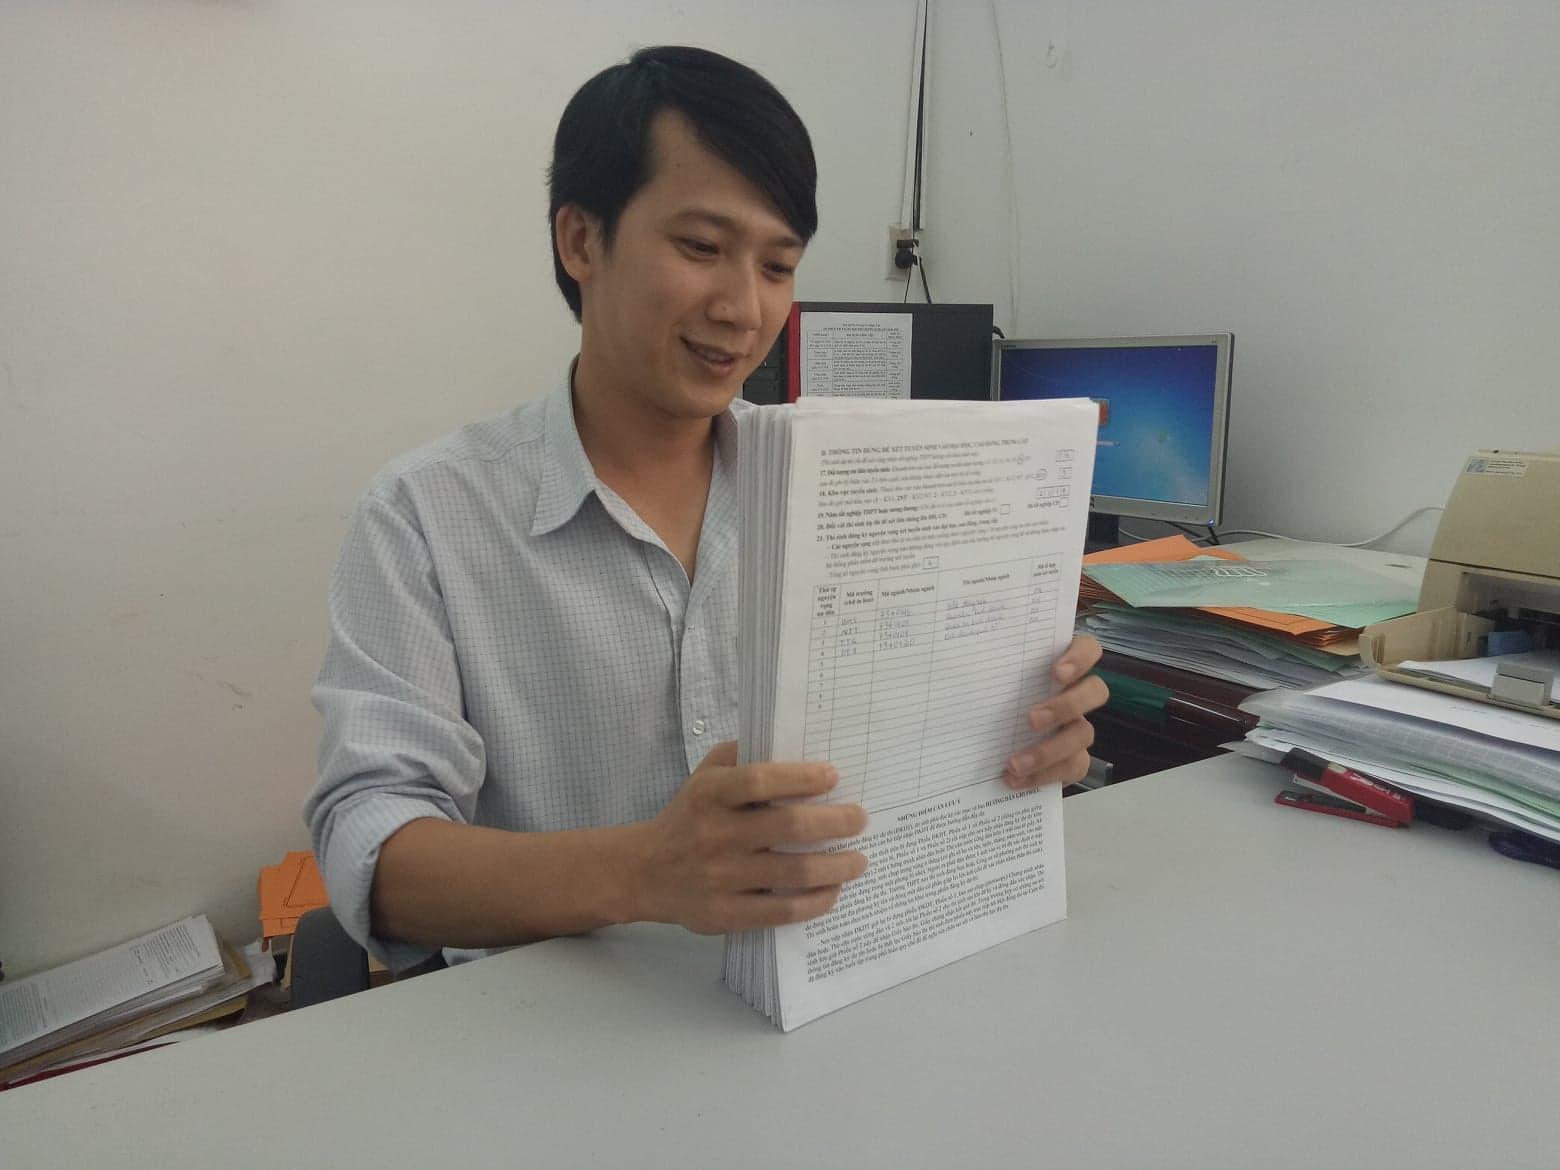 Hướng dẫn cách sửa sai khi đã nộp phiếu đăng kí dự thi THPT quốc gia 2019 - Ảnh 2.